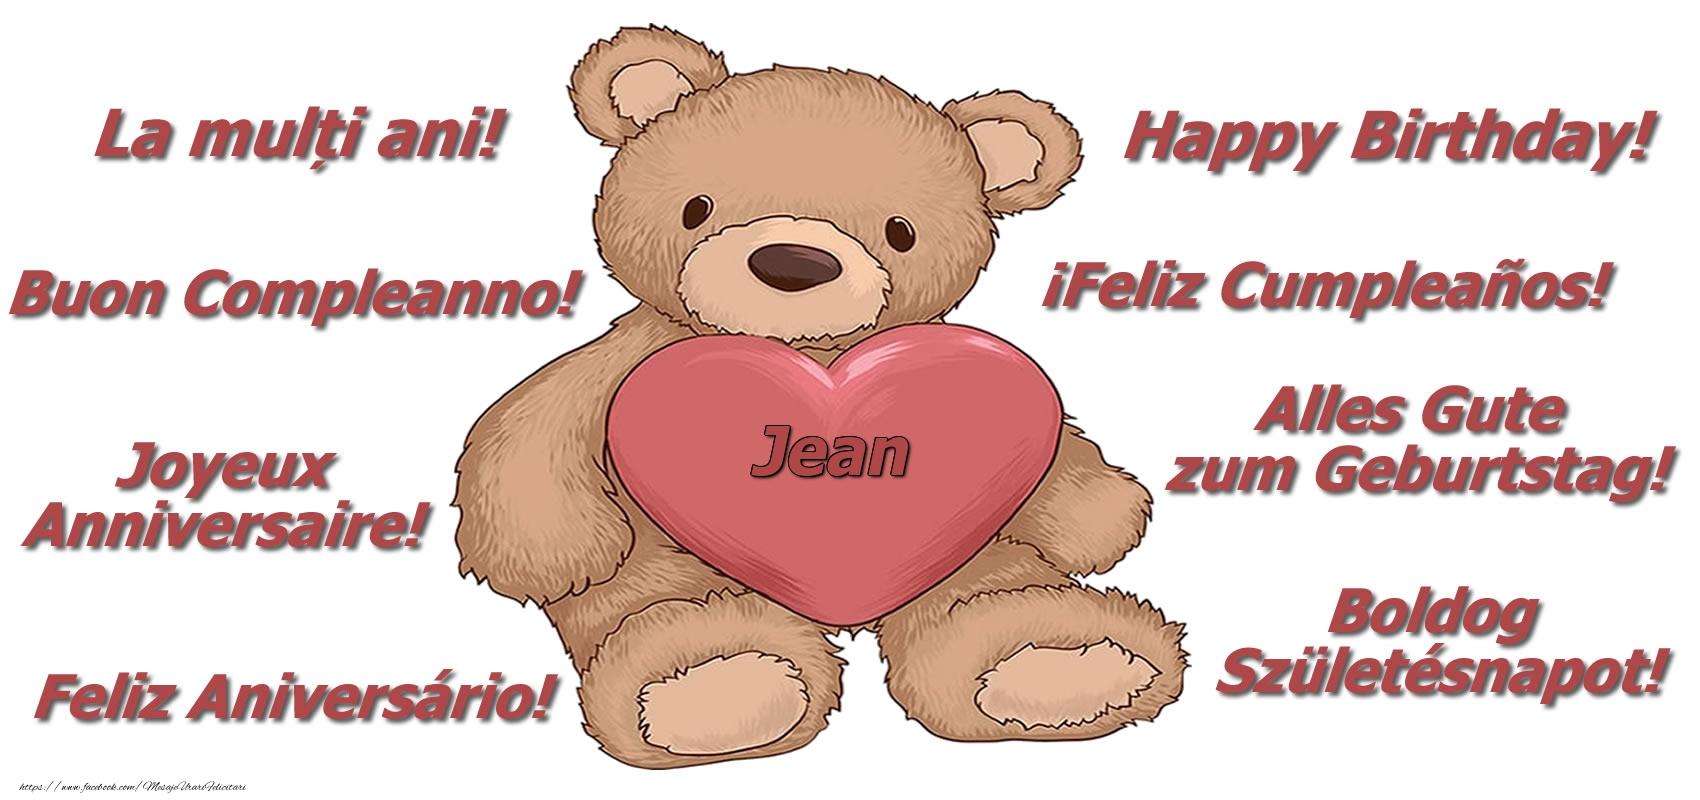 Felicitari de zi de nastere - La multi ani Jean! - Ursulet